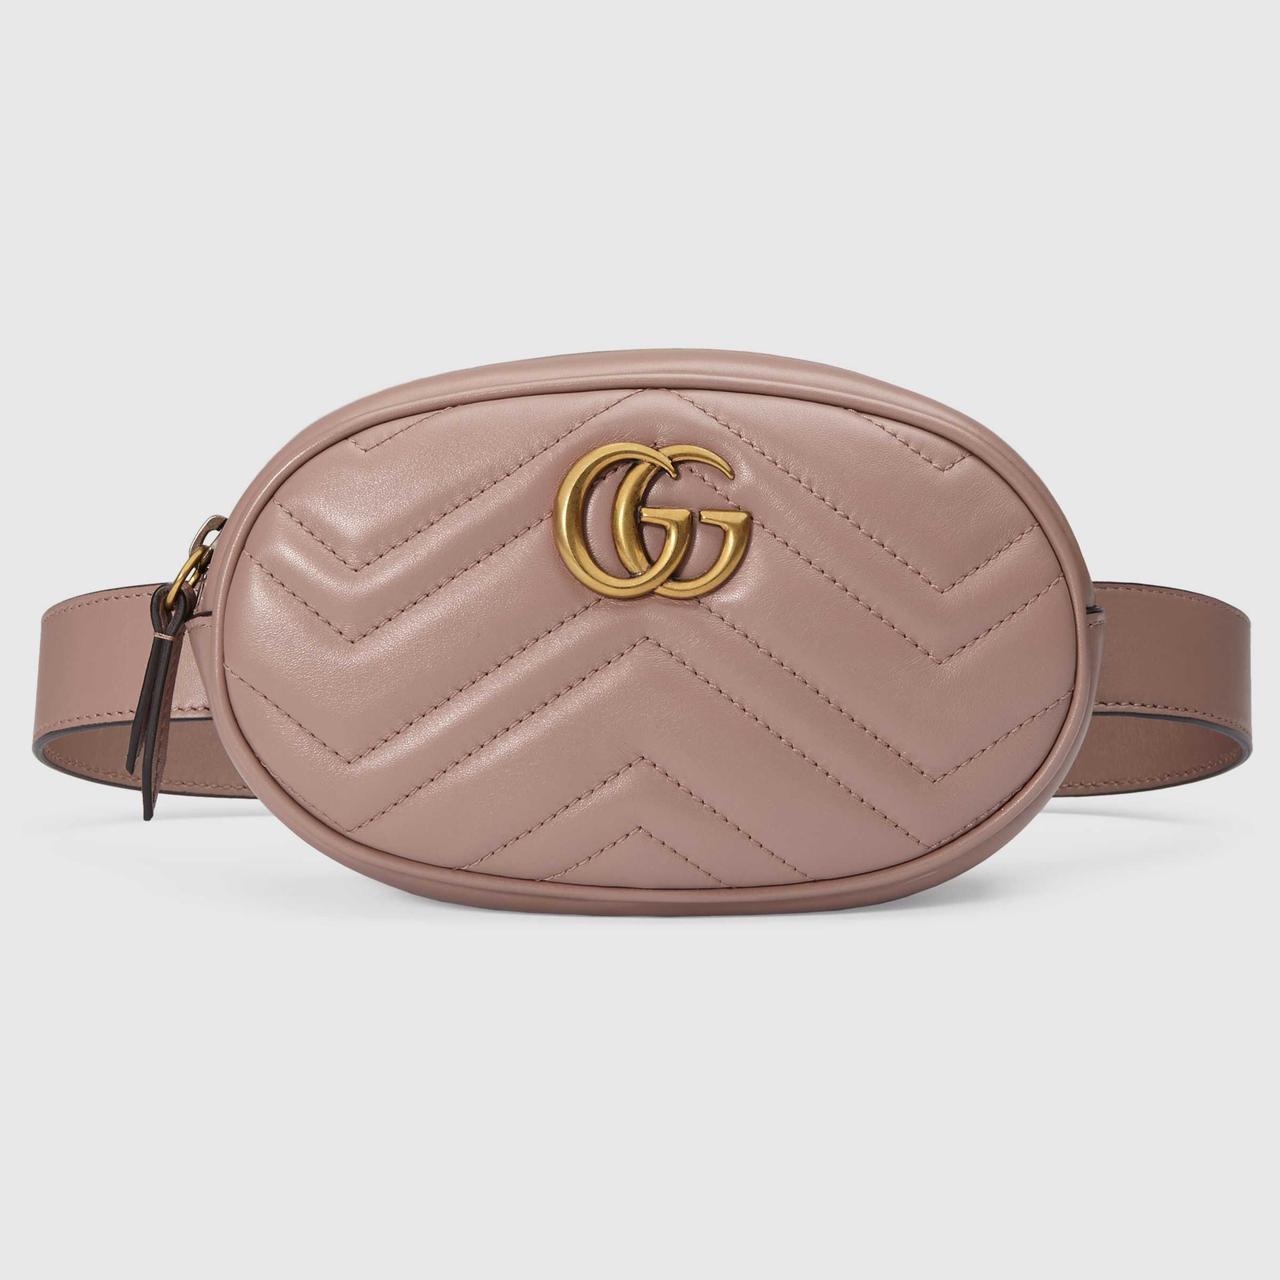 b5ee5879d20a Женская поясная сумочка GUCCI Marmont | сумка на пояс Гуччи Пудровая - 100  Мелочей в Черновцах